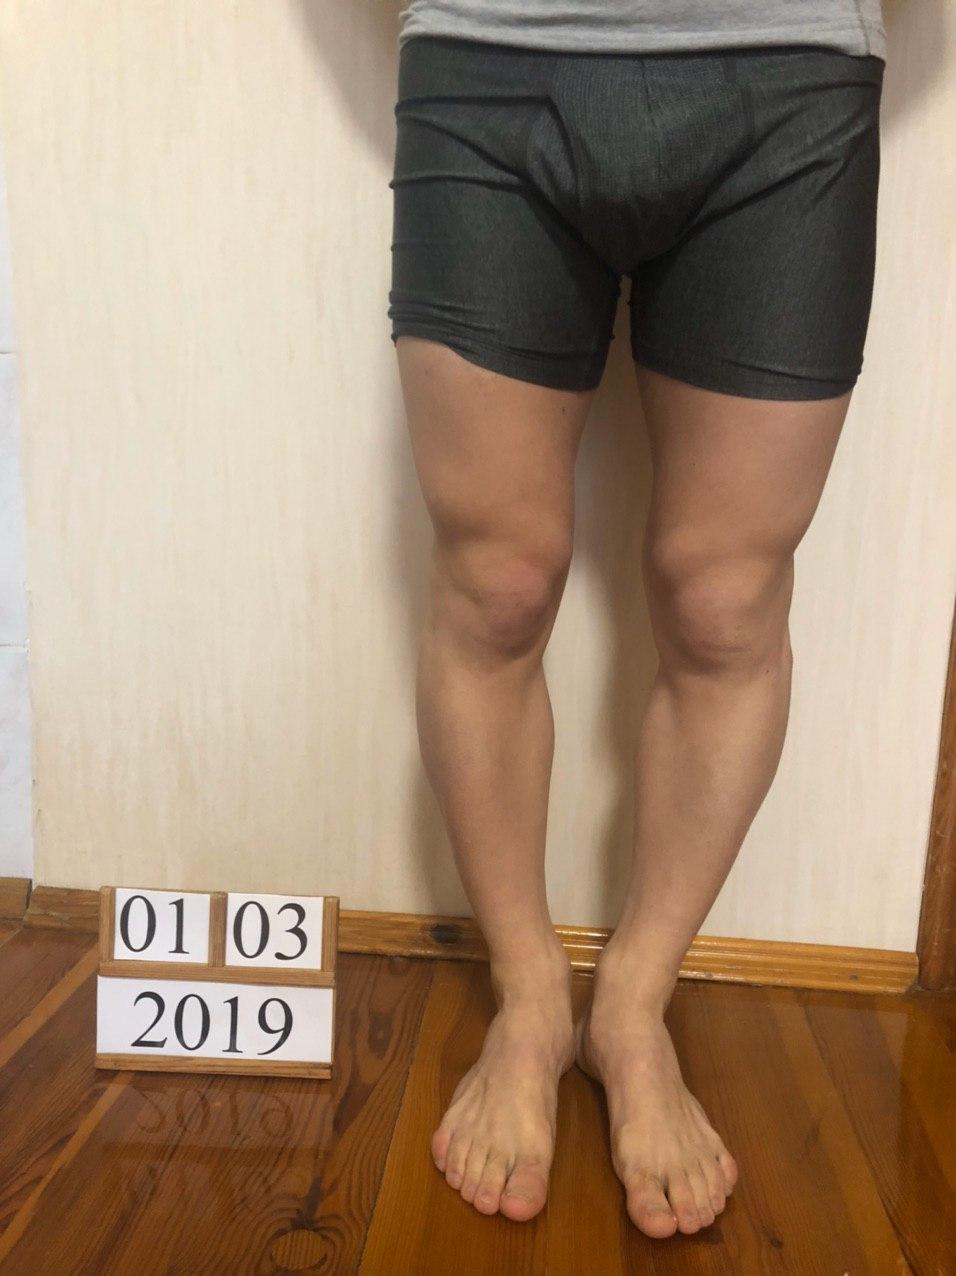 Коррекция варусной деформации ног аппаратом Веклича